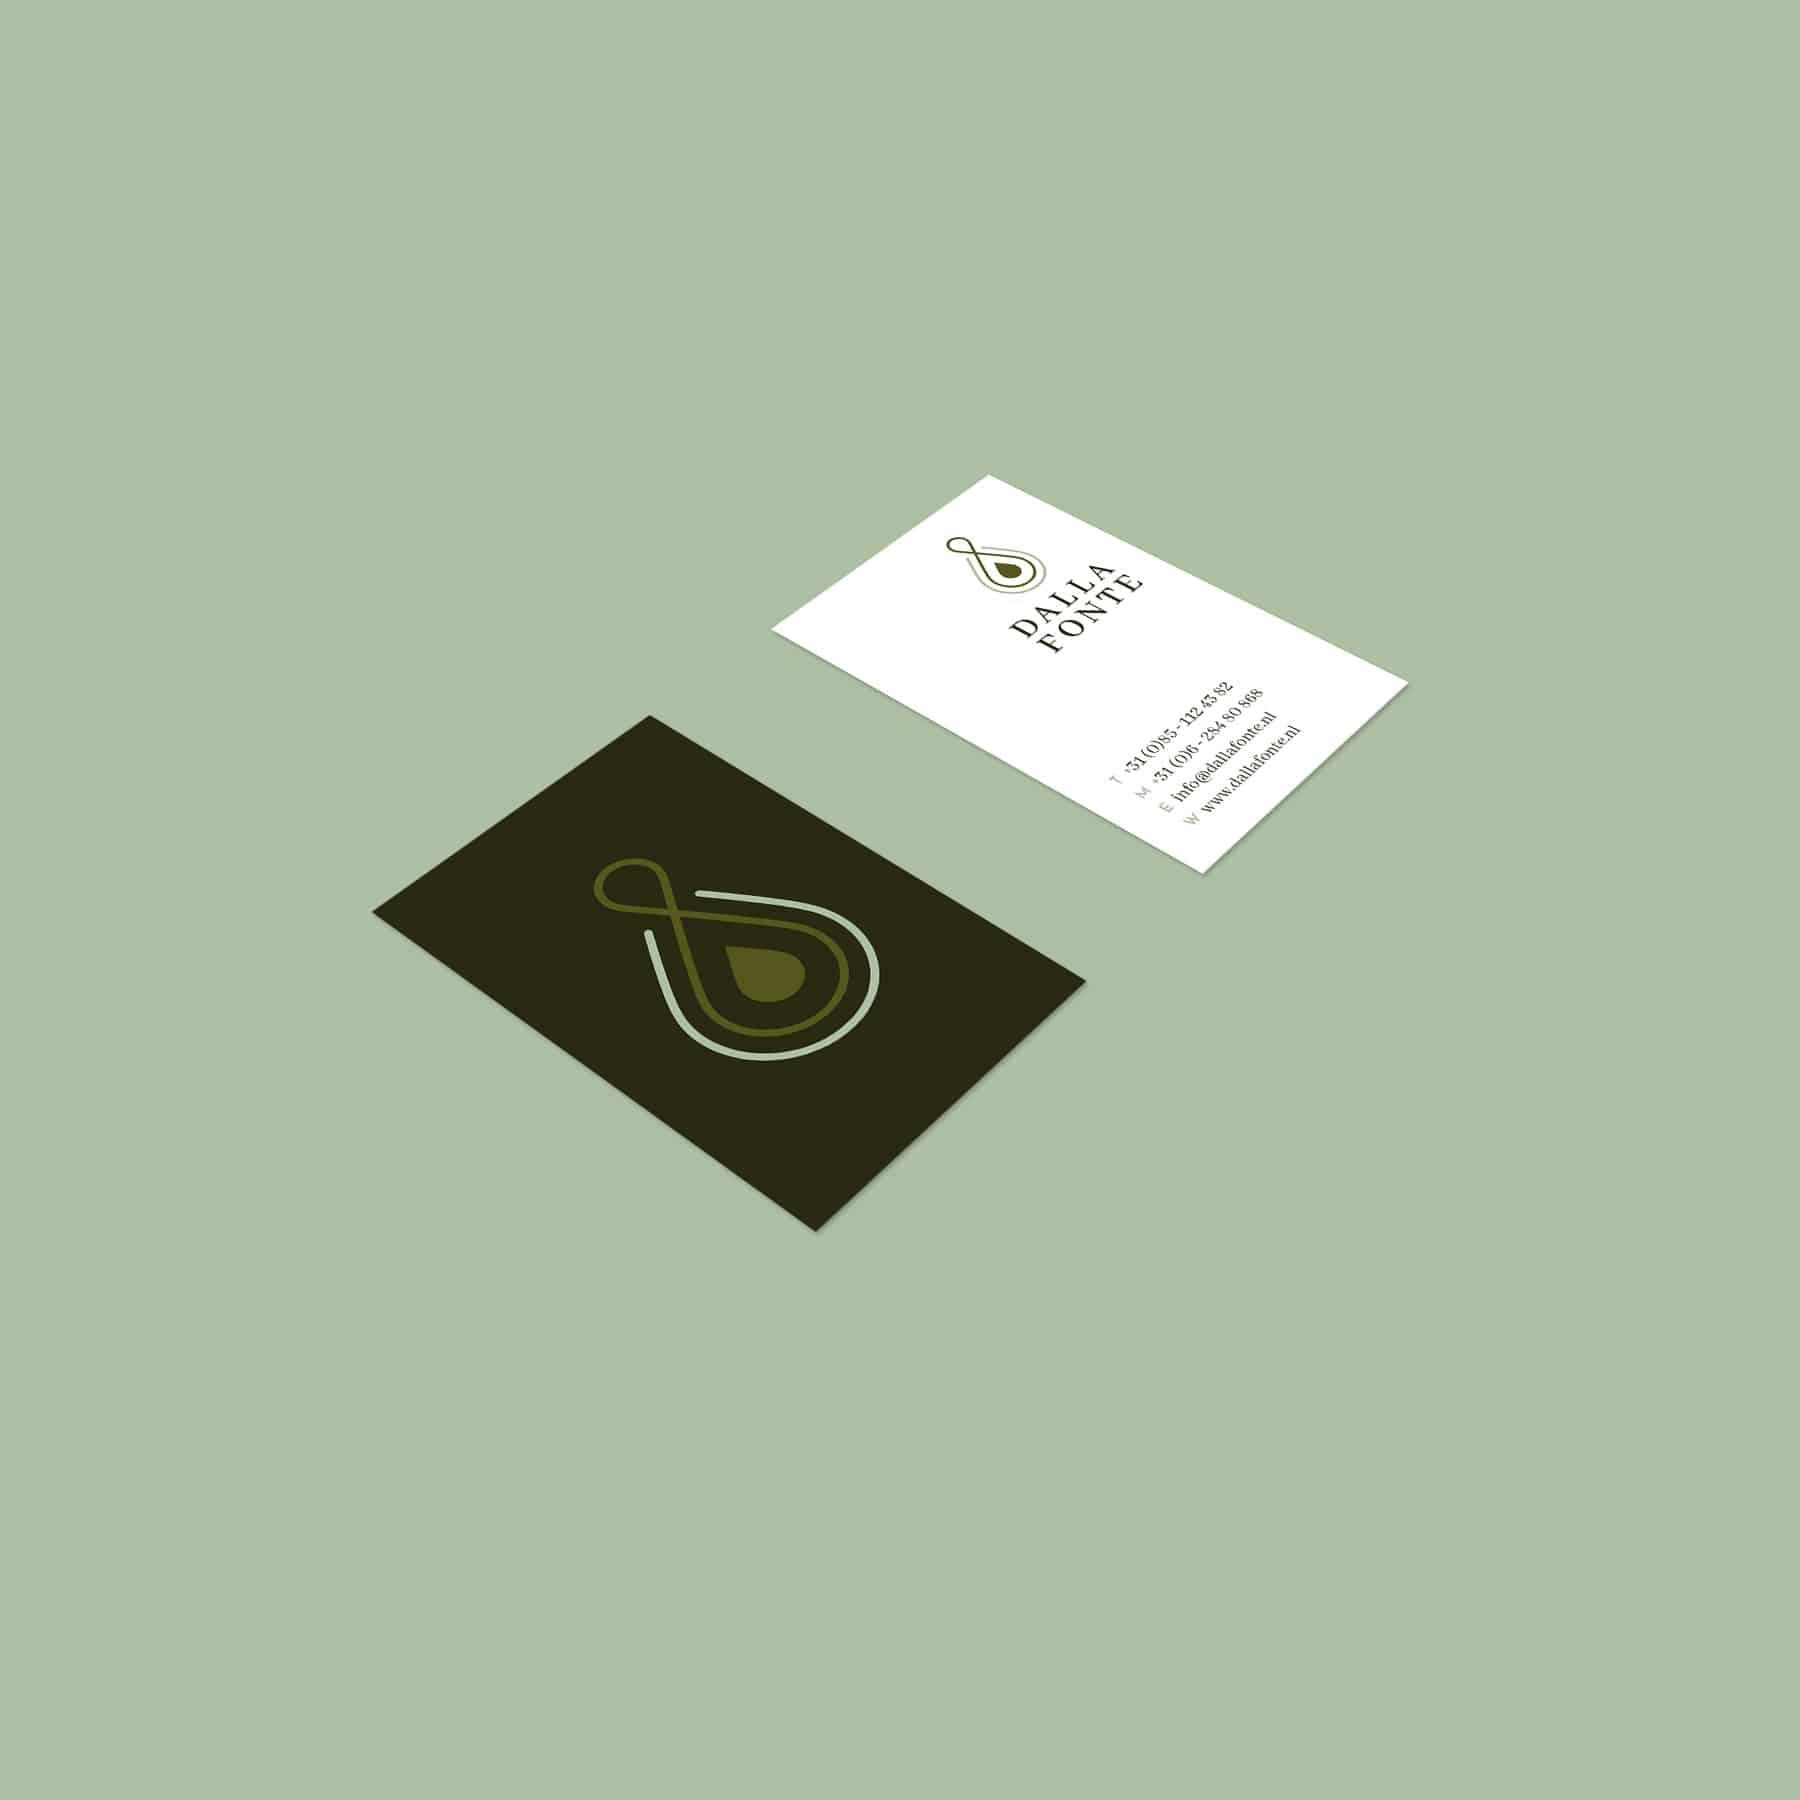 Design business cards for Dalla Fonte